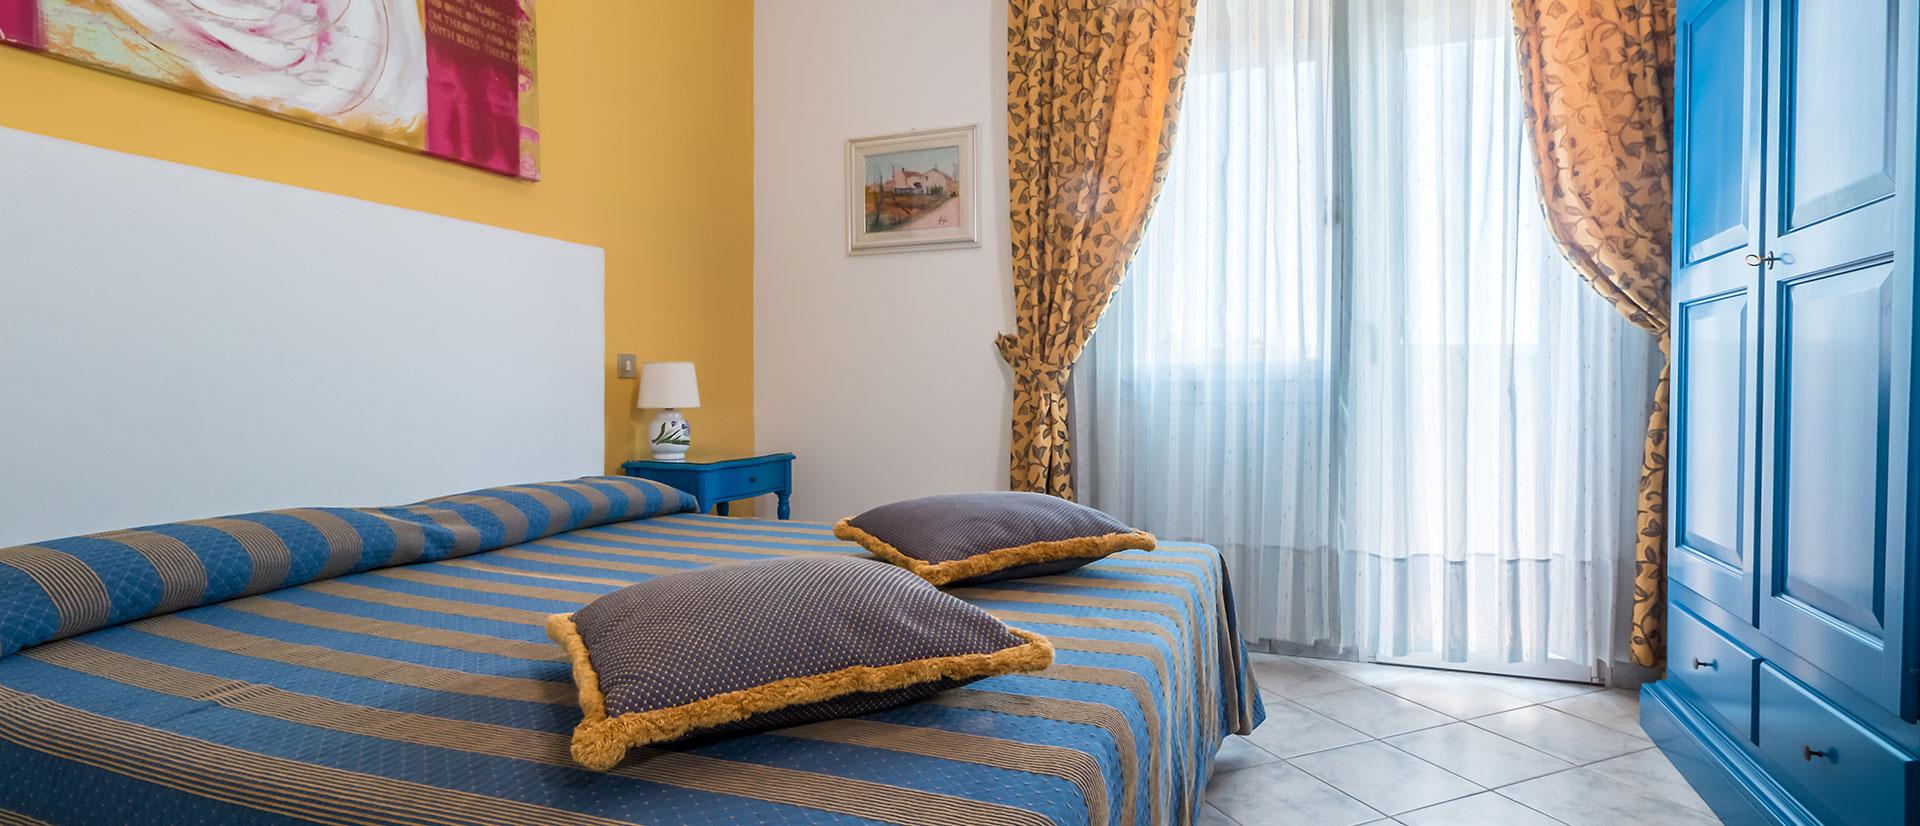 jesolo-hotel-camere-vista-mare